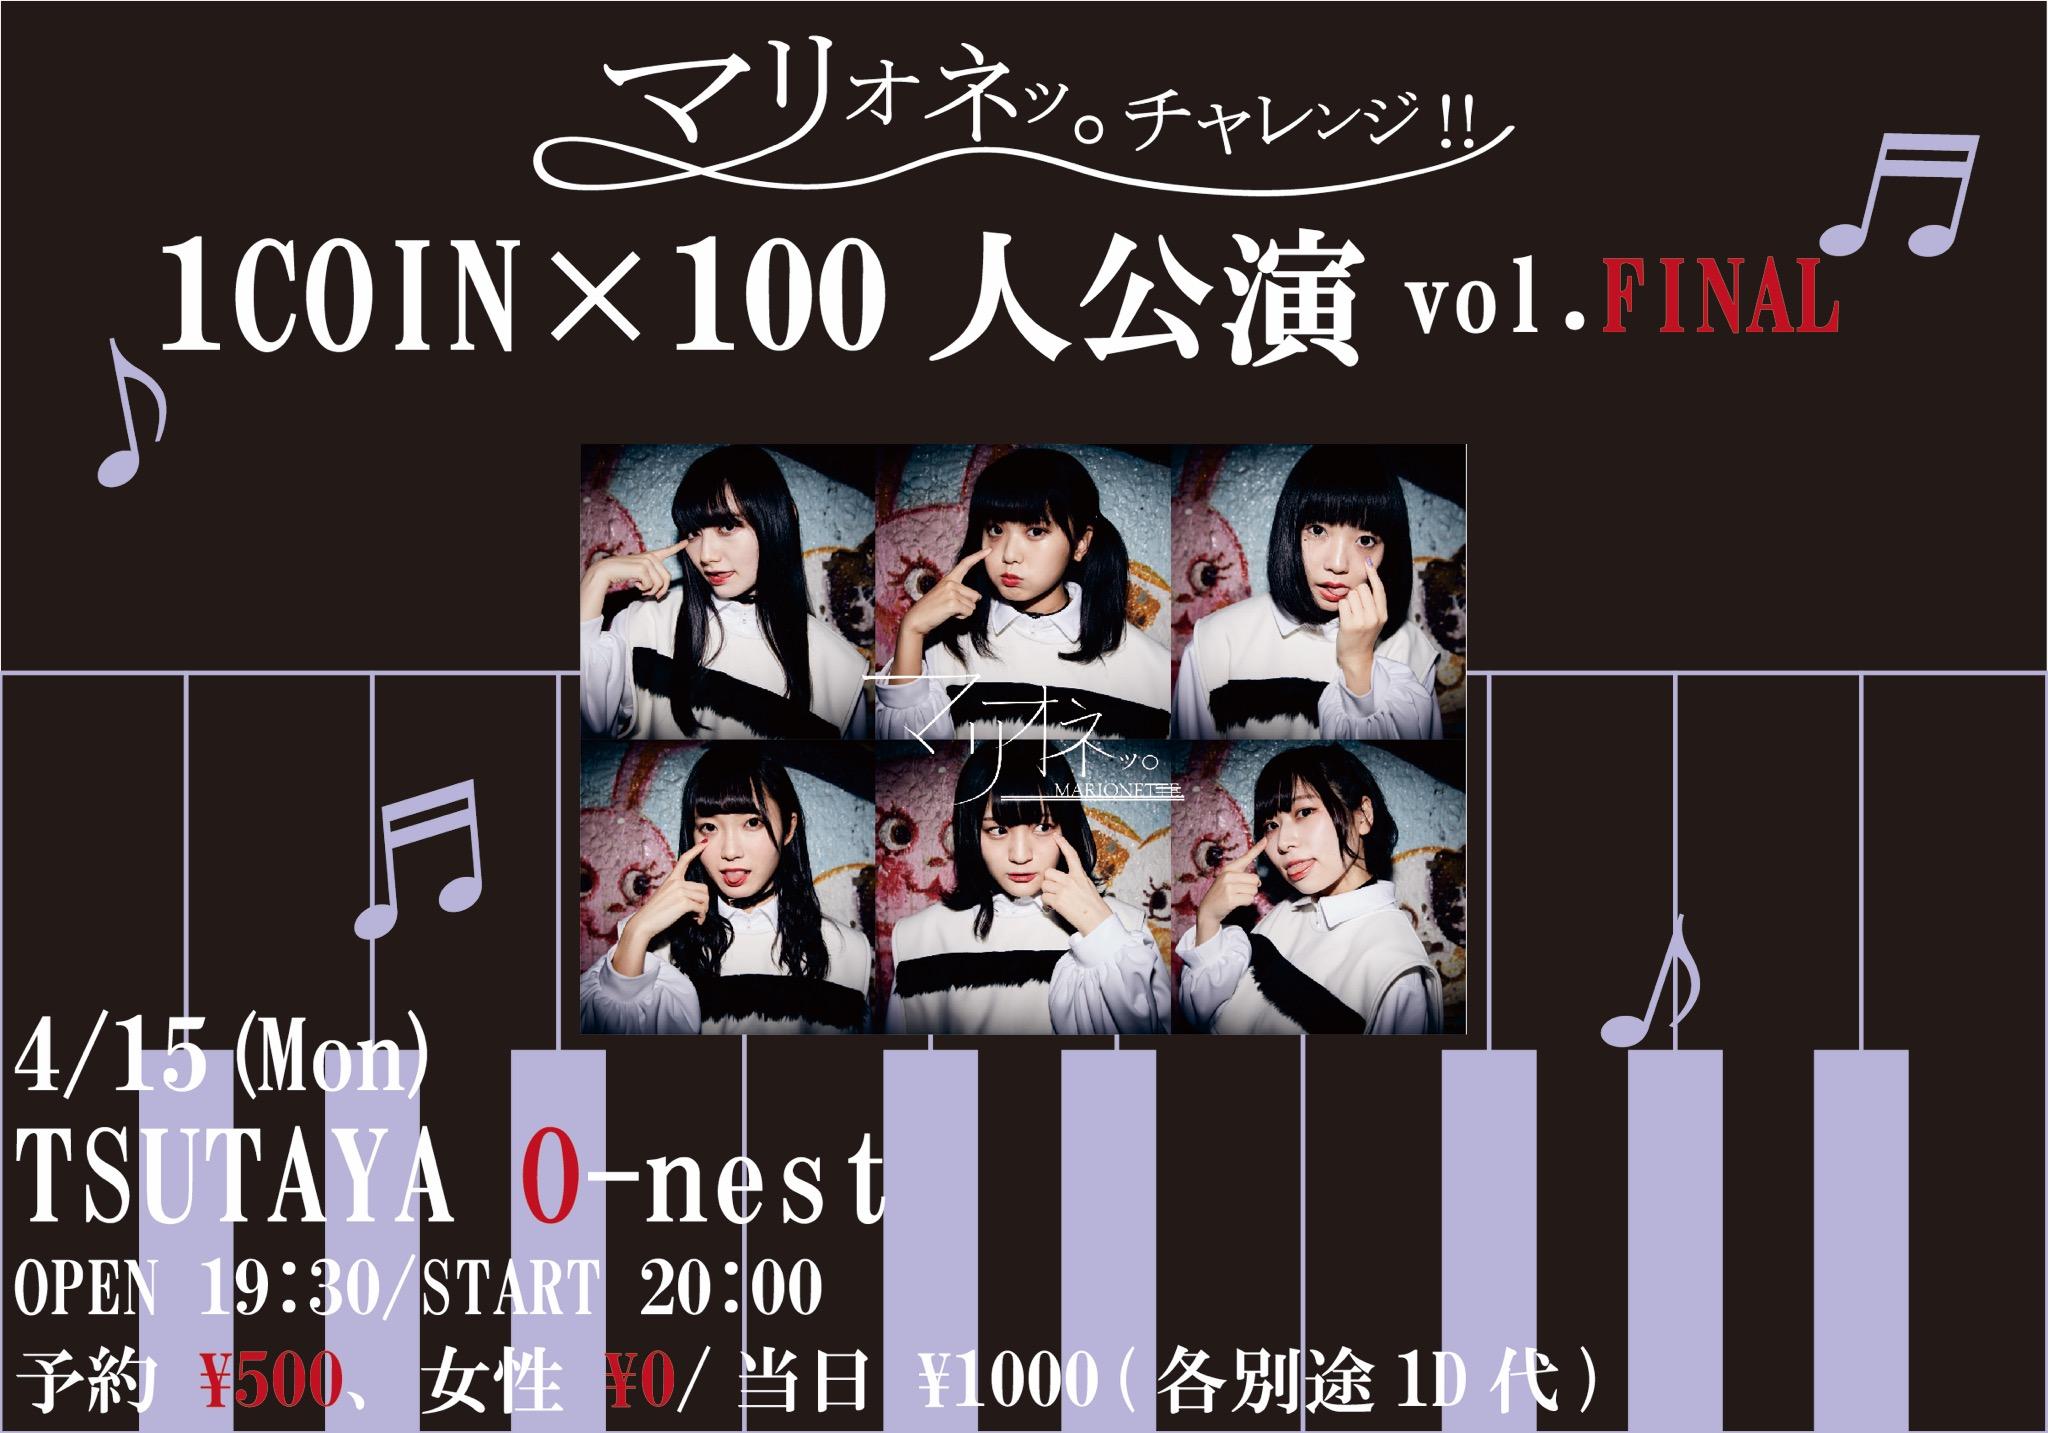 マリオネッ。チャレンジ!!『1COIN×100人公演 vol.FINAL』